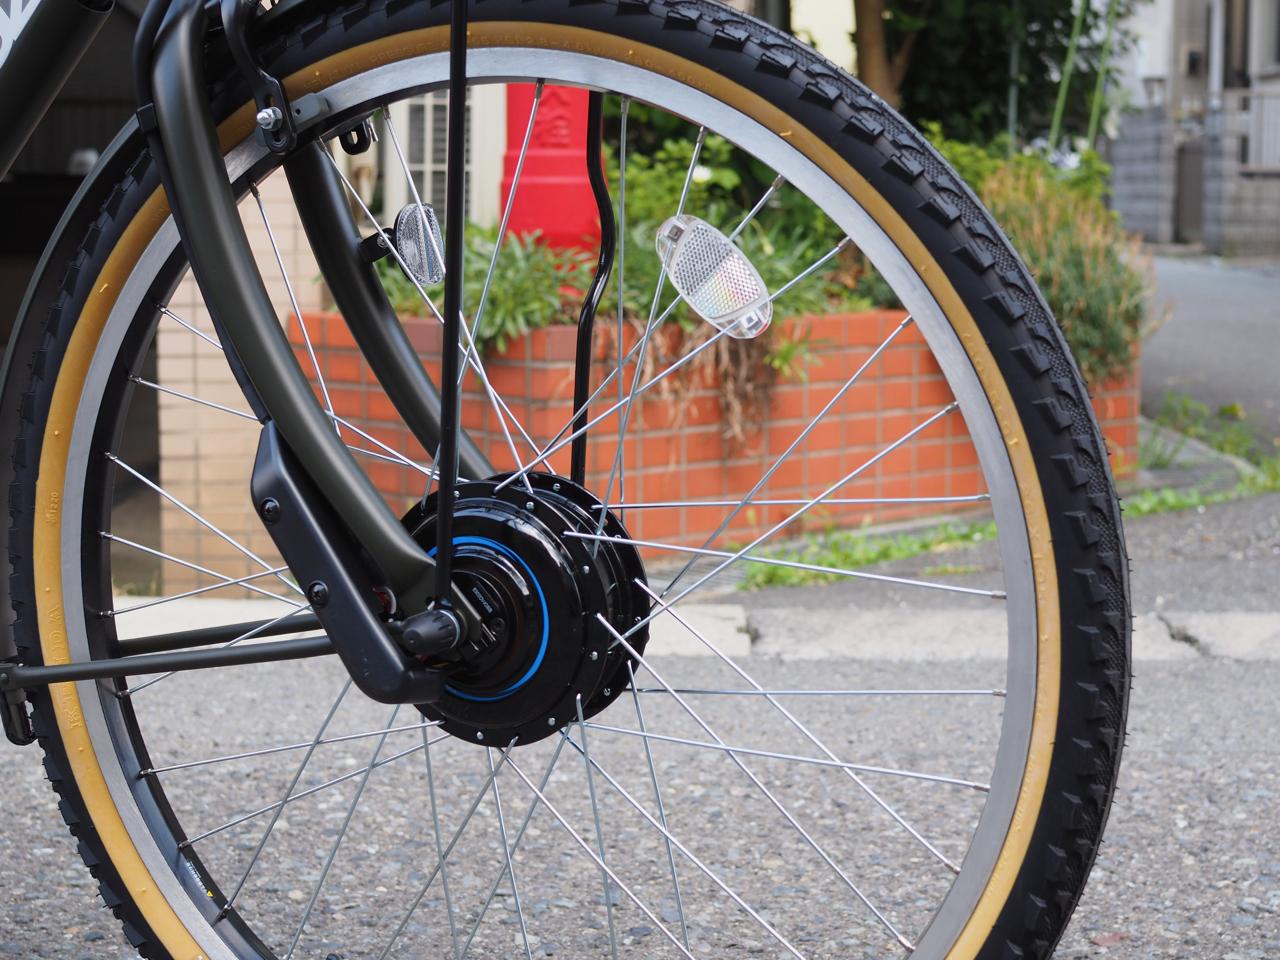 ステップクルーズ,電動自転車,ブリヂストン,自転車,自転車カスタム,ポリスポート